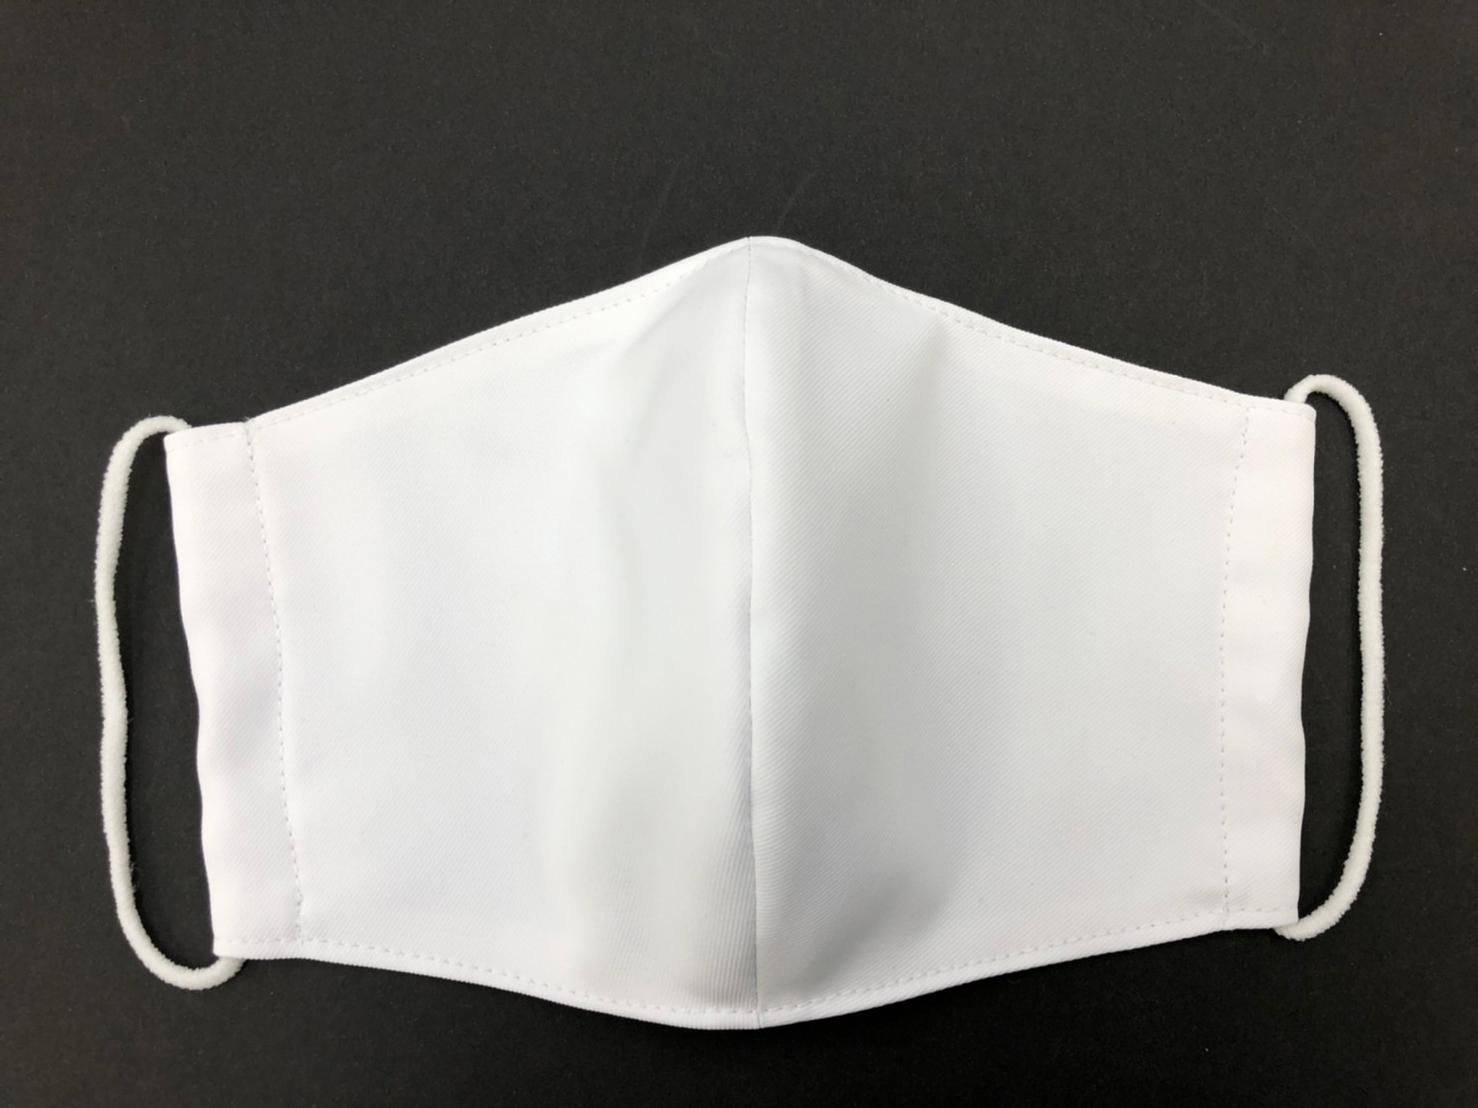 マスク作製キット